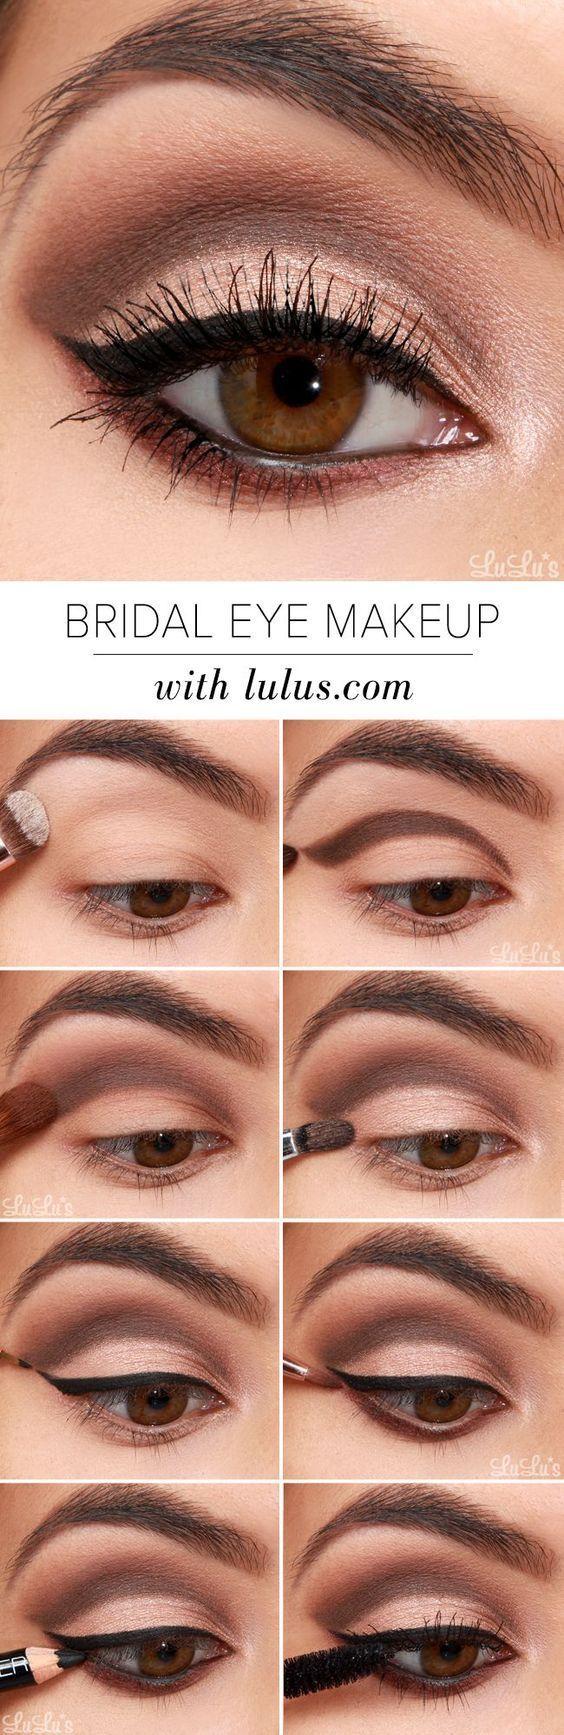 15 easy step by step bridal eye makeup tutorials | hair